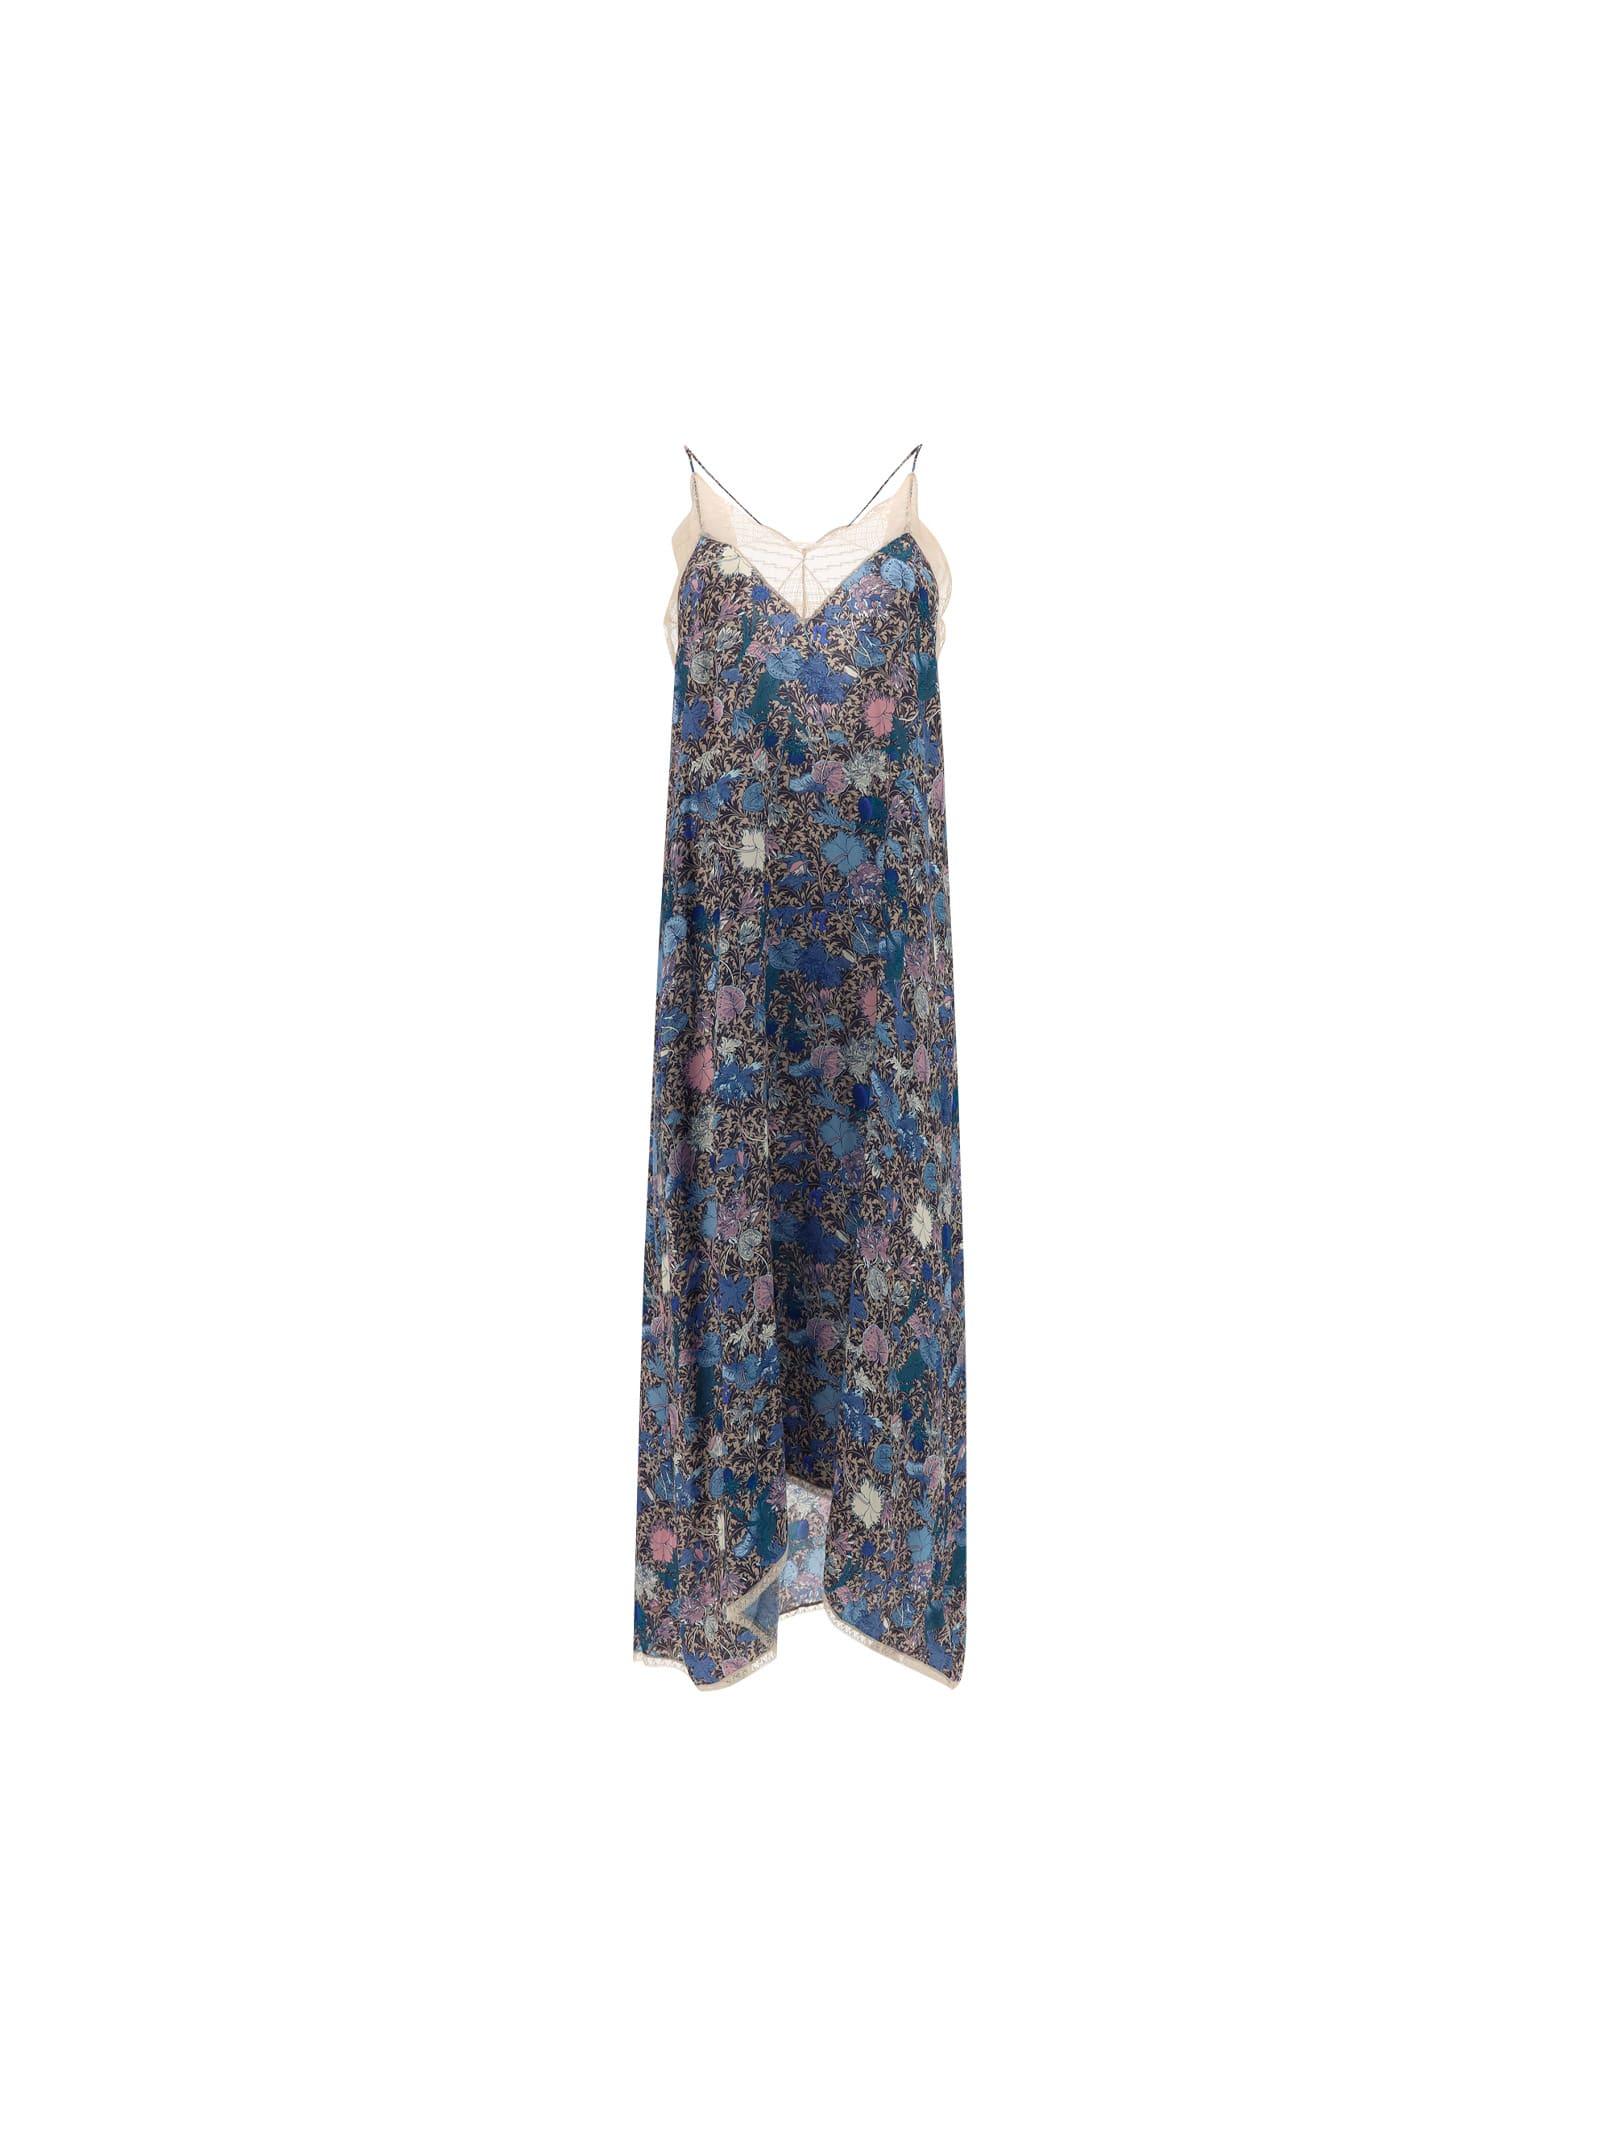 Zadig & Voltaire ZADIG & VOLTAIRE DRESS